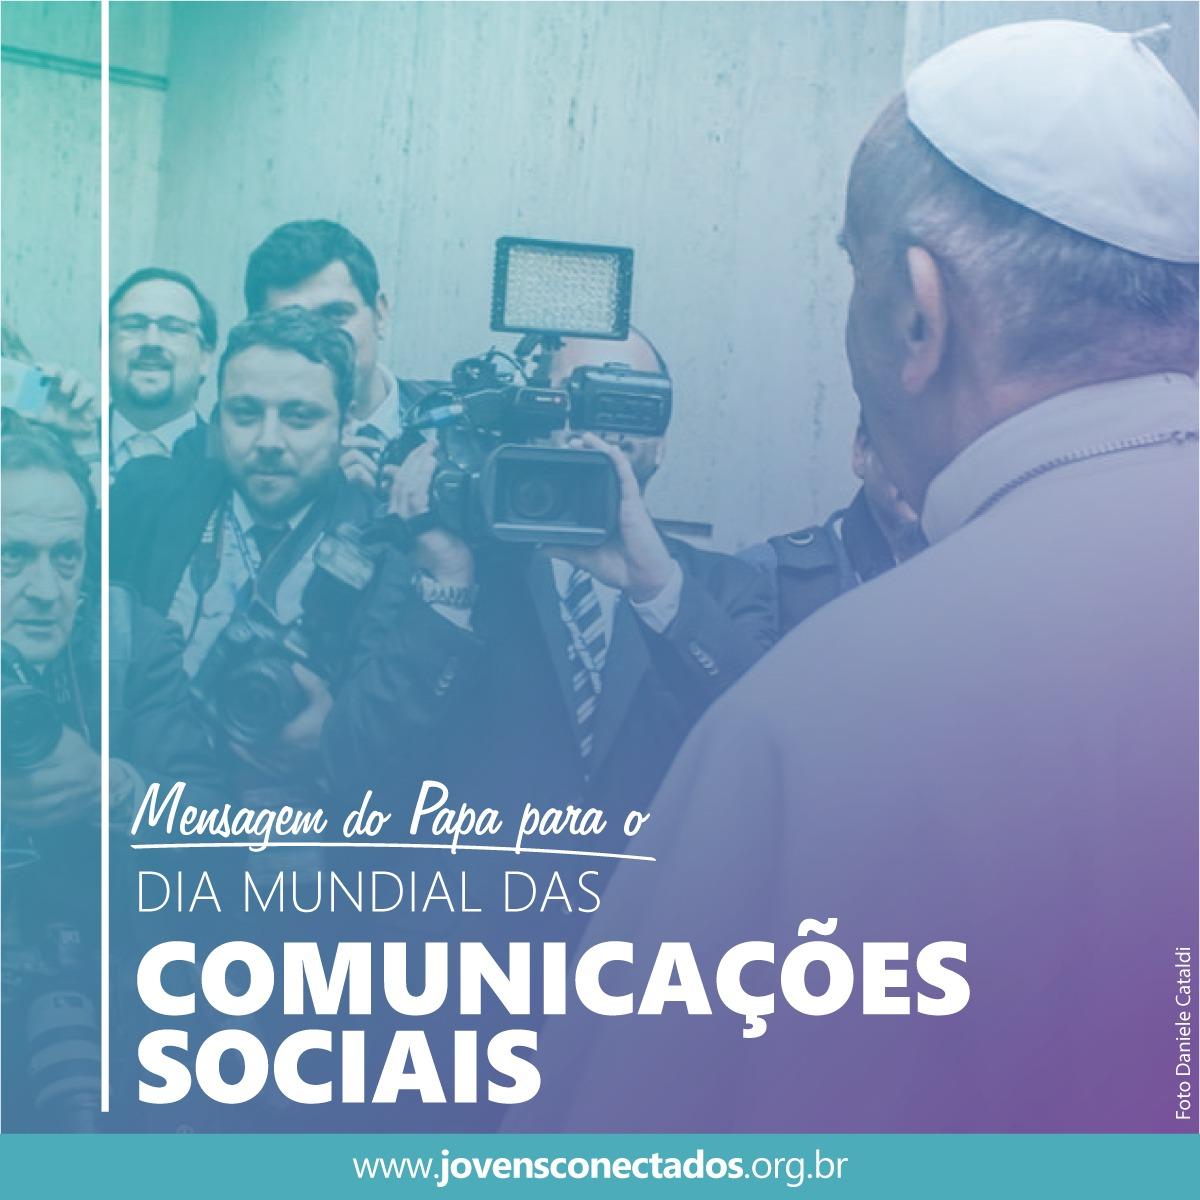 Mensagem do Papa para o 51º Dia Mundial das Comunicações Sociais